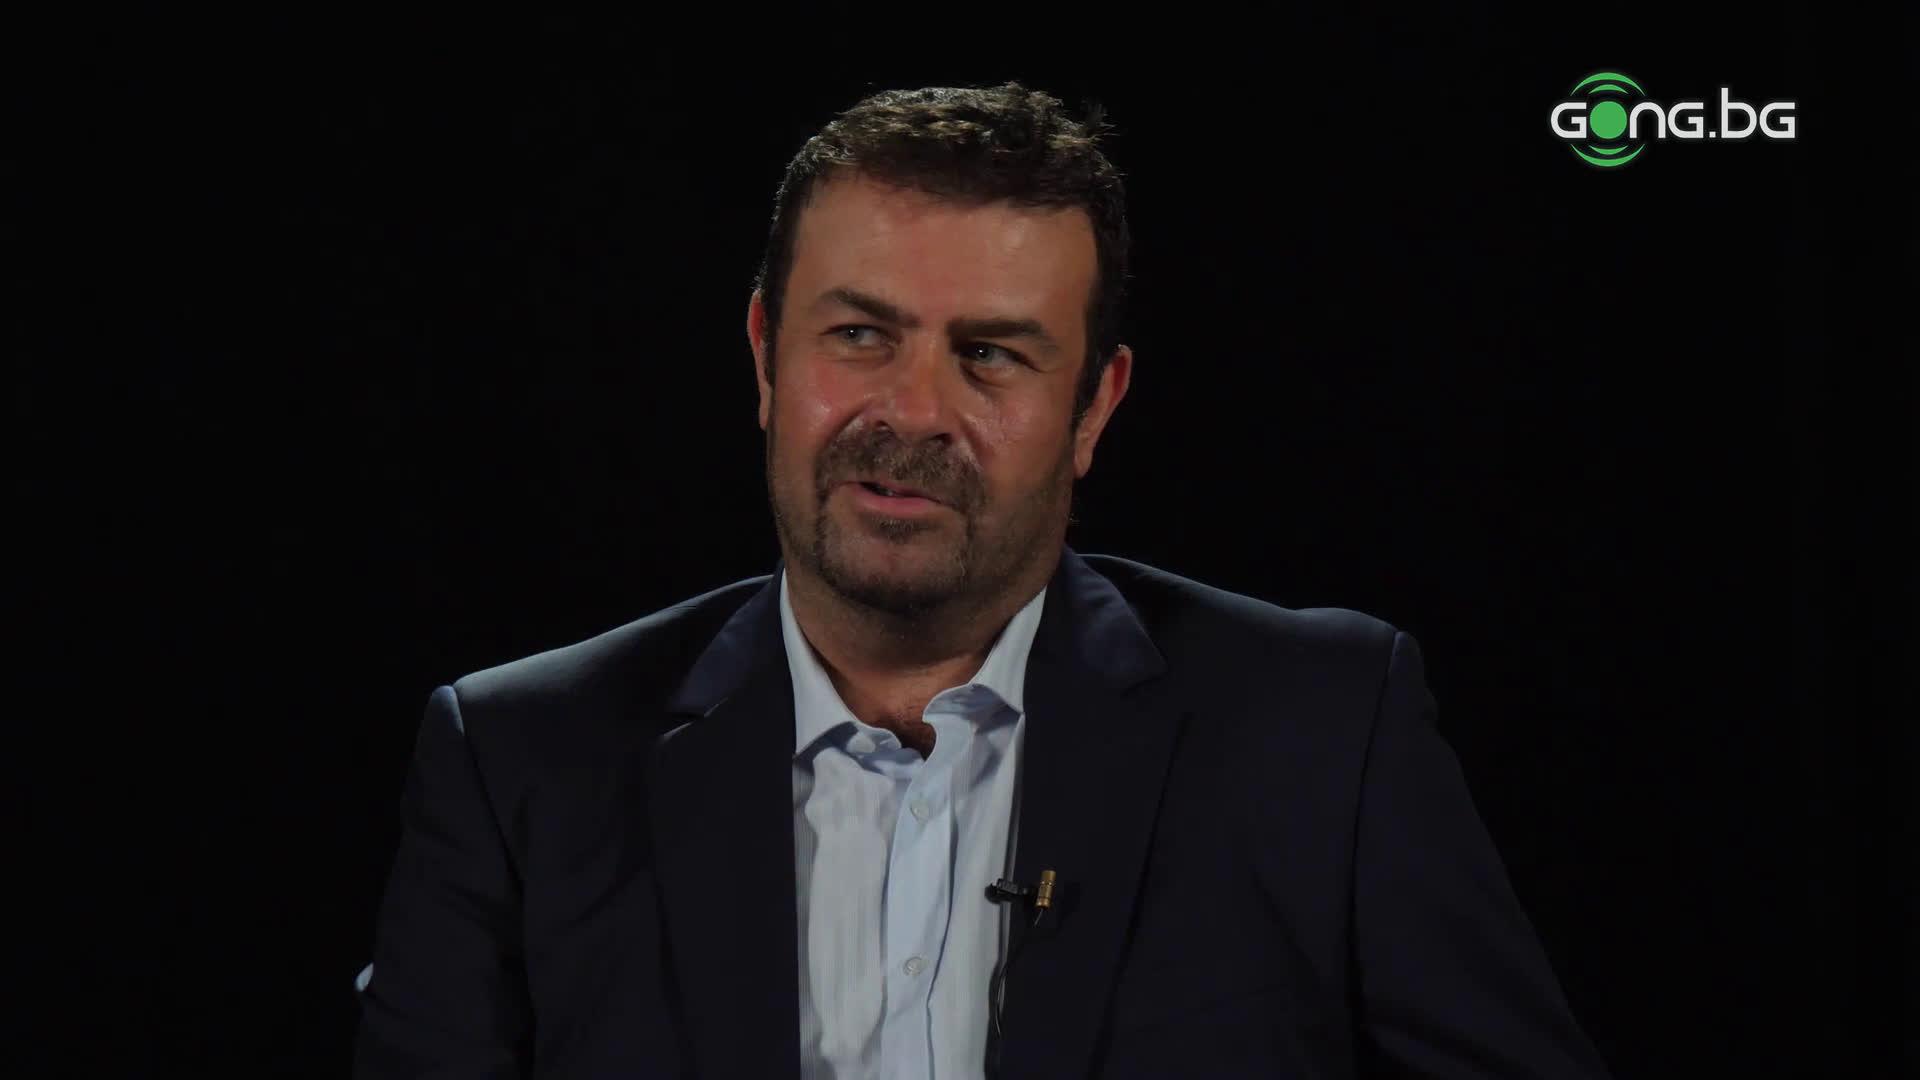 Лицата на NOVA преди UEFA EURO 2020: Георги Драгоев: Северна Македония ще бъде изненадата